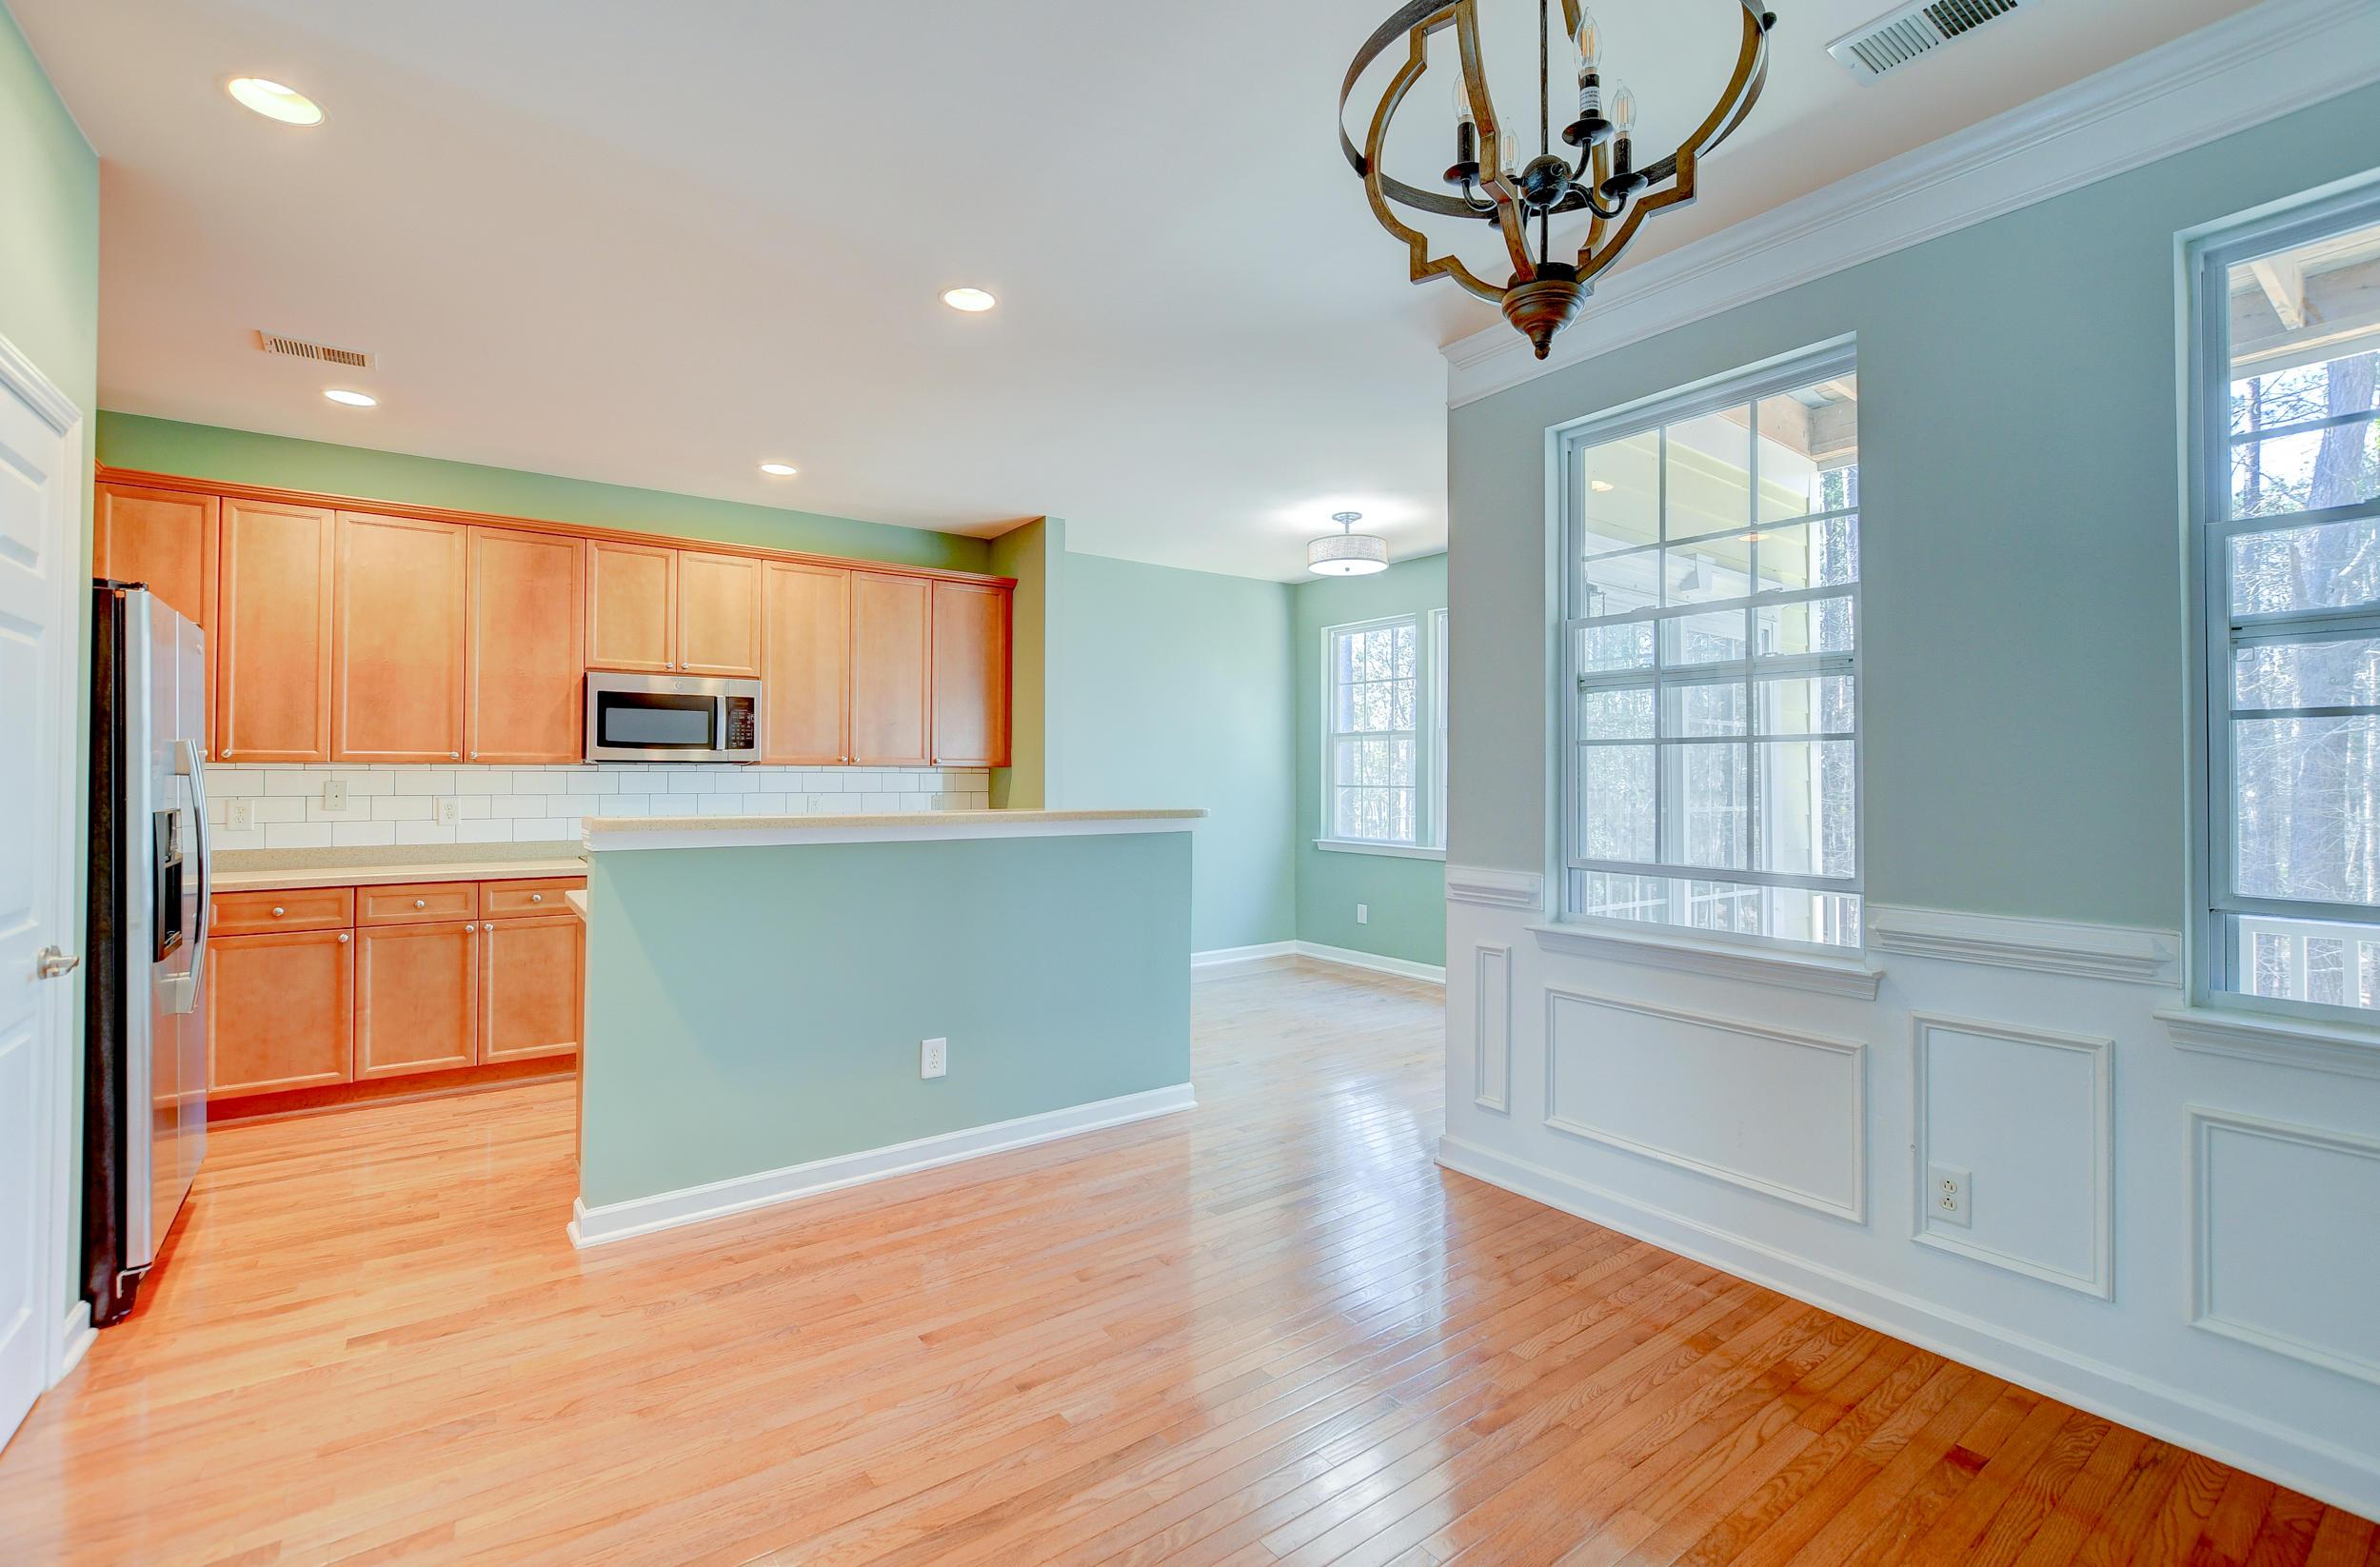 Park West Homes For Sale - 3545 Claremont, Mount Pleasant, SC - 5